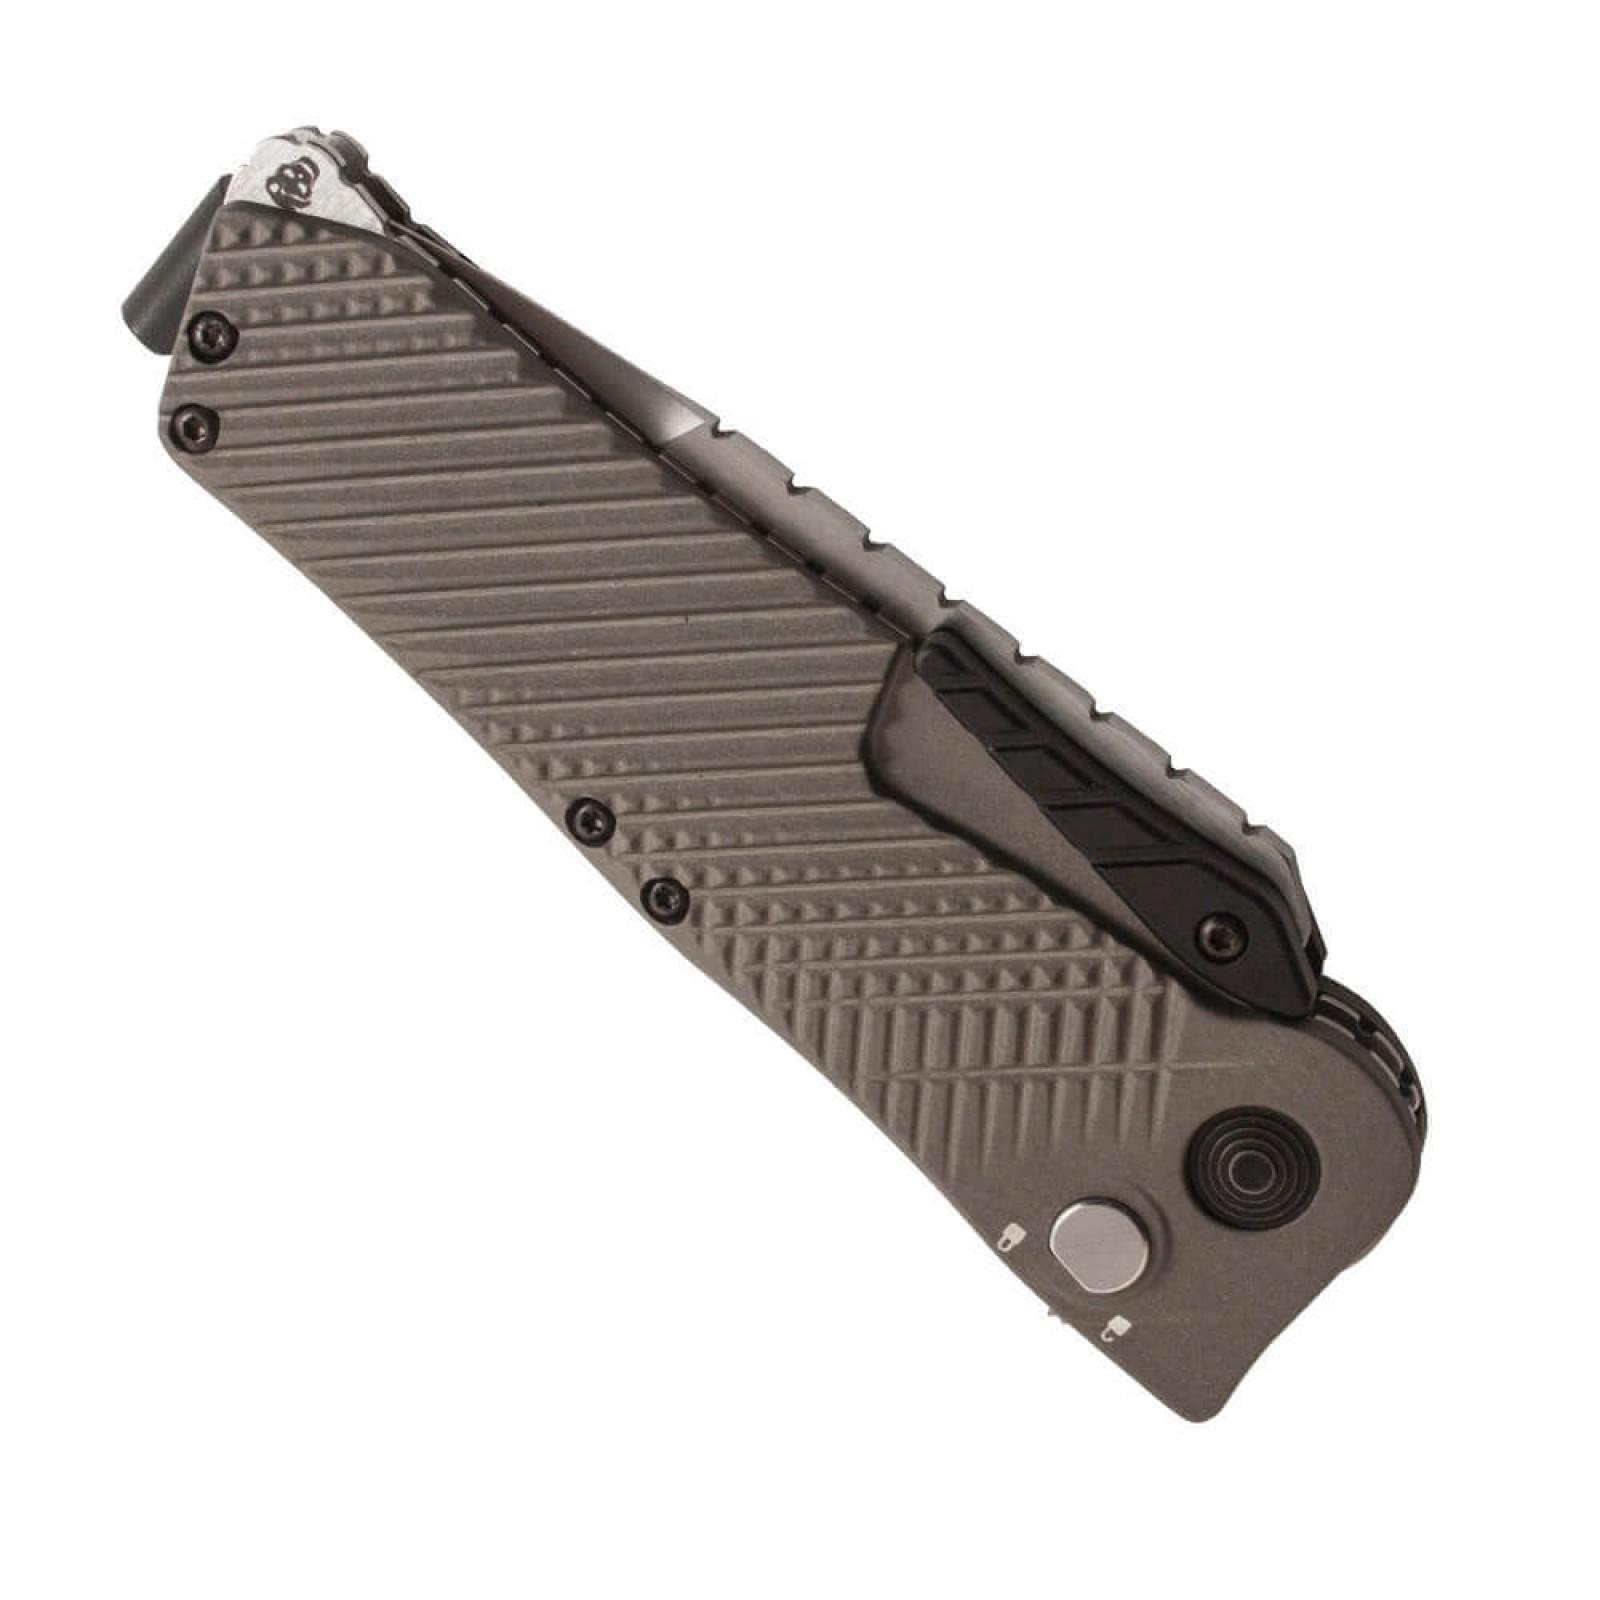 Фото 10 - Складной нож Quake - SOG IM1001, сталь VG-10, рукоять алюминий, зелёный